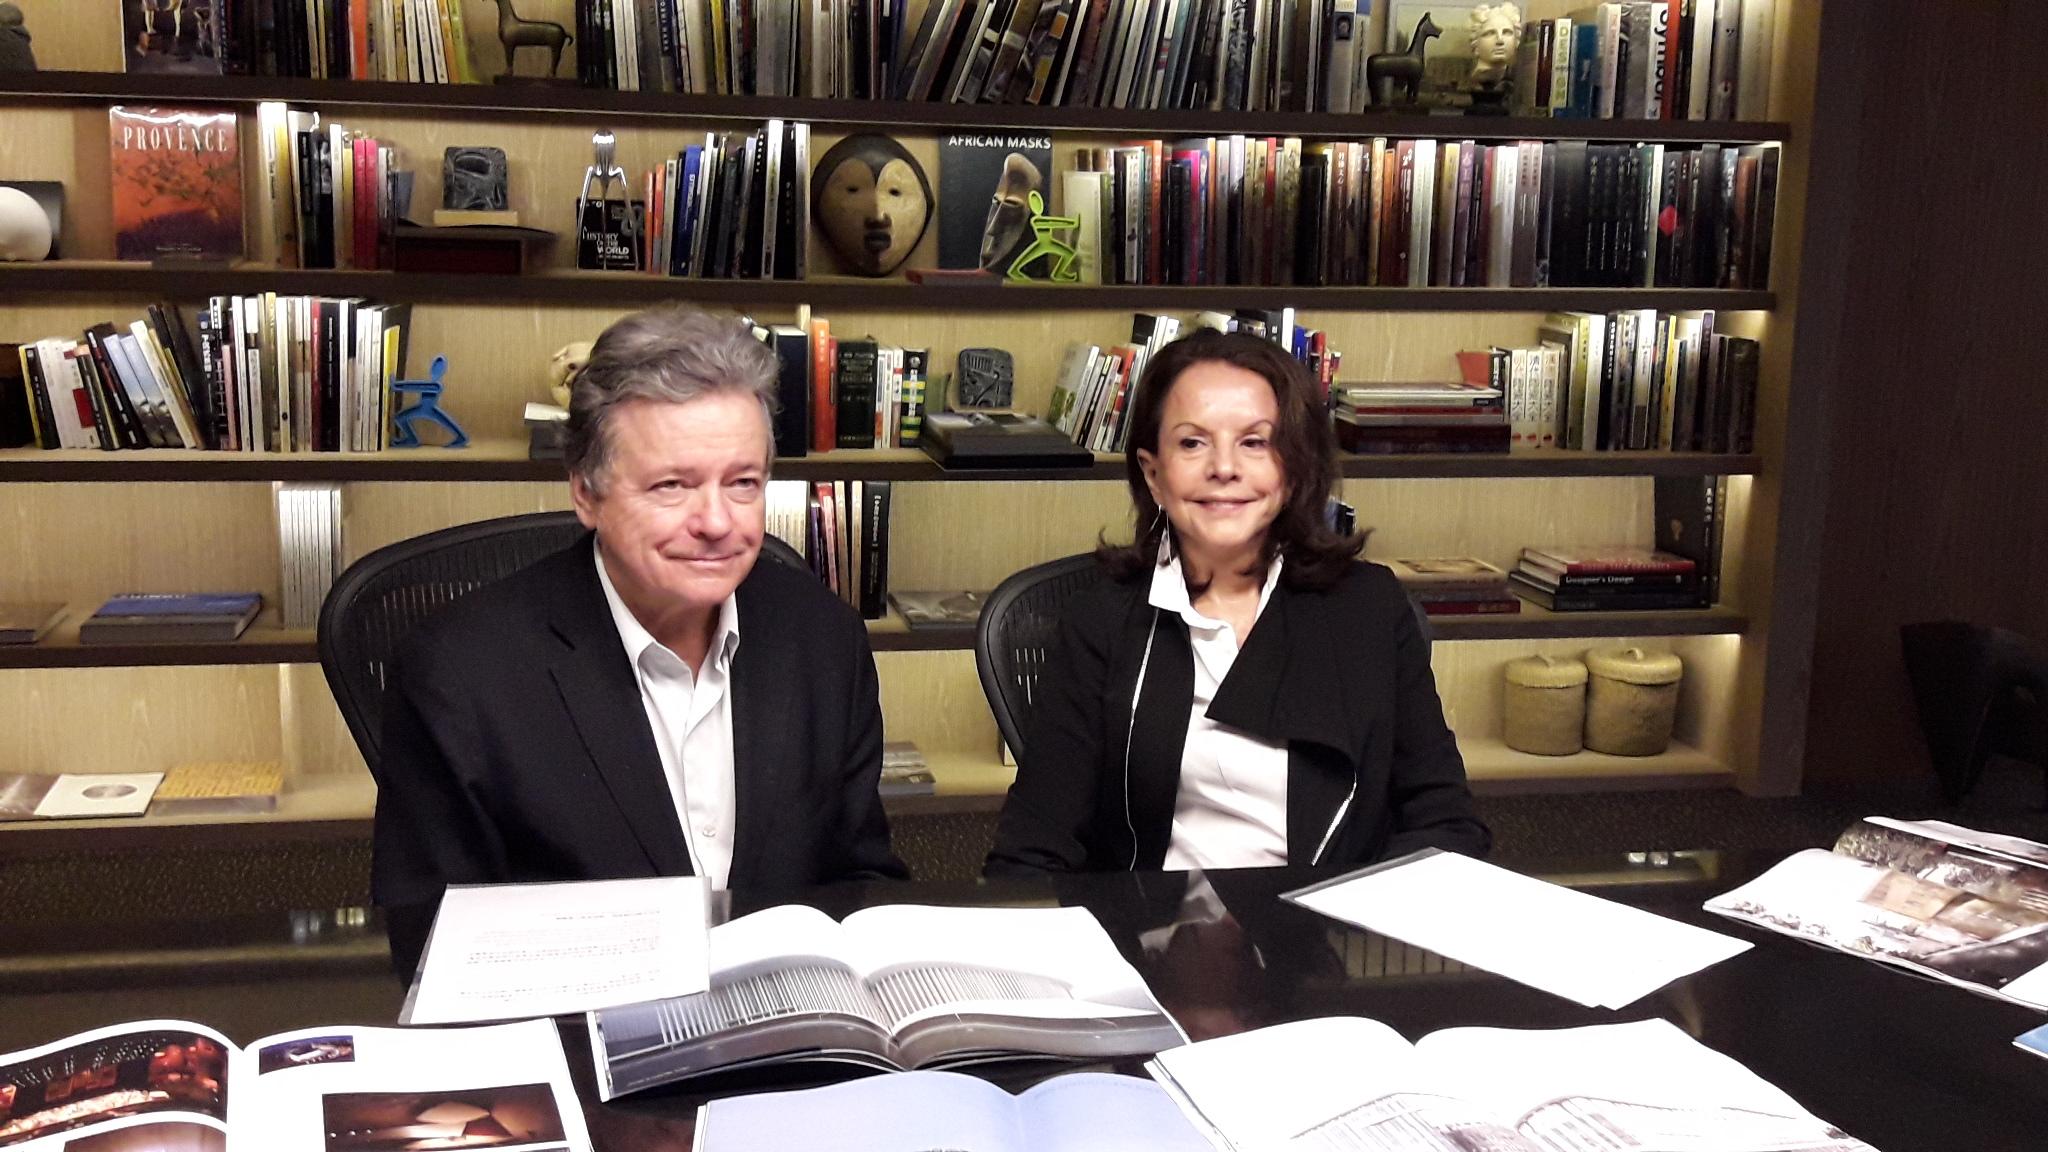 法國知名建築師克里斯蒂安・德・波宗巴克(左)伊麗莎白・波宗巴克(右)